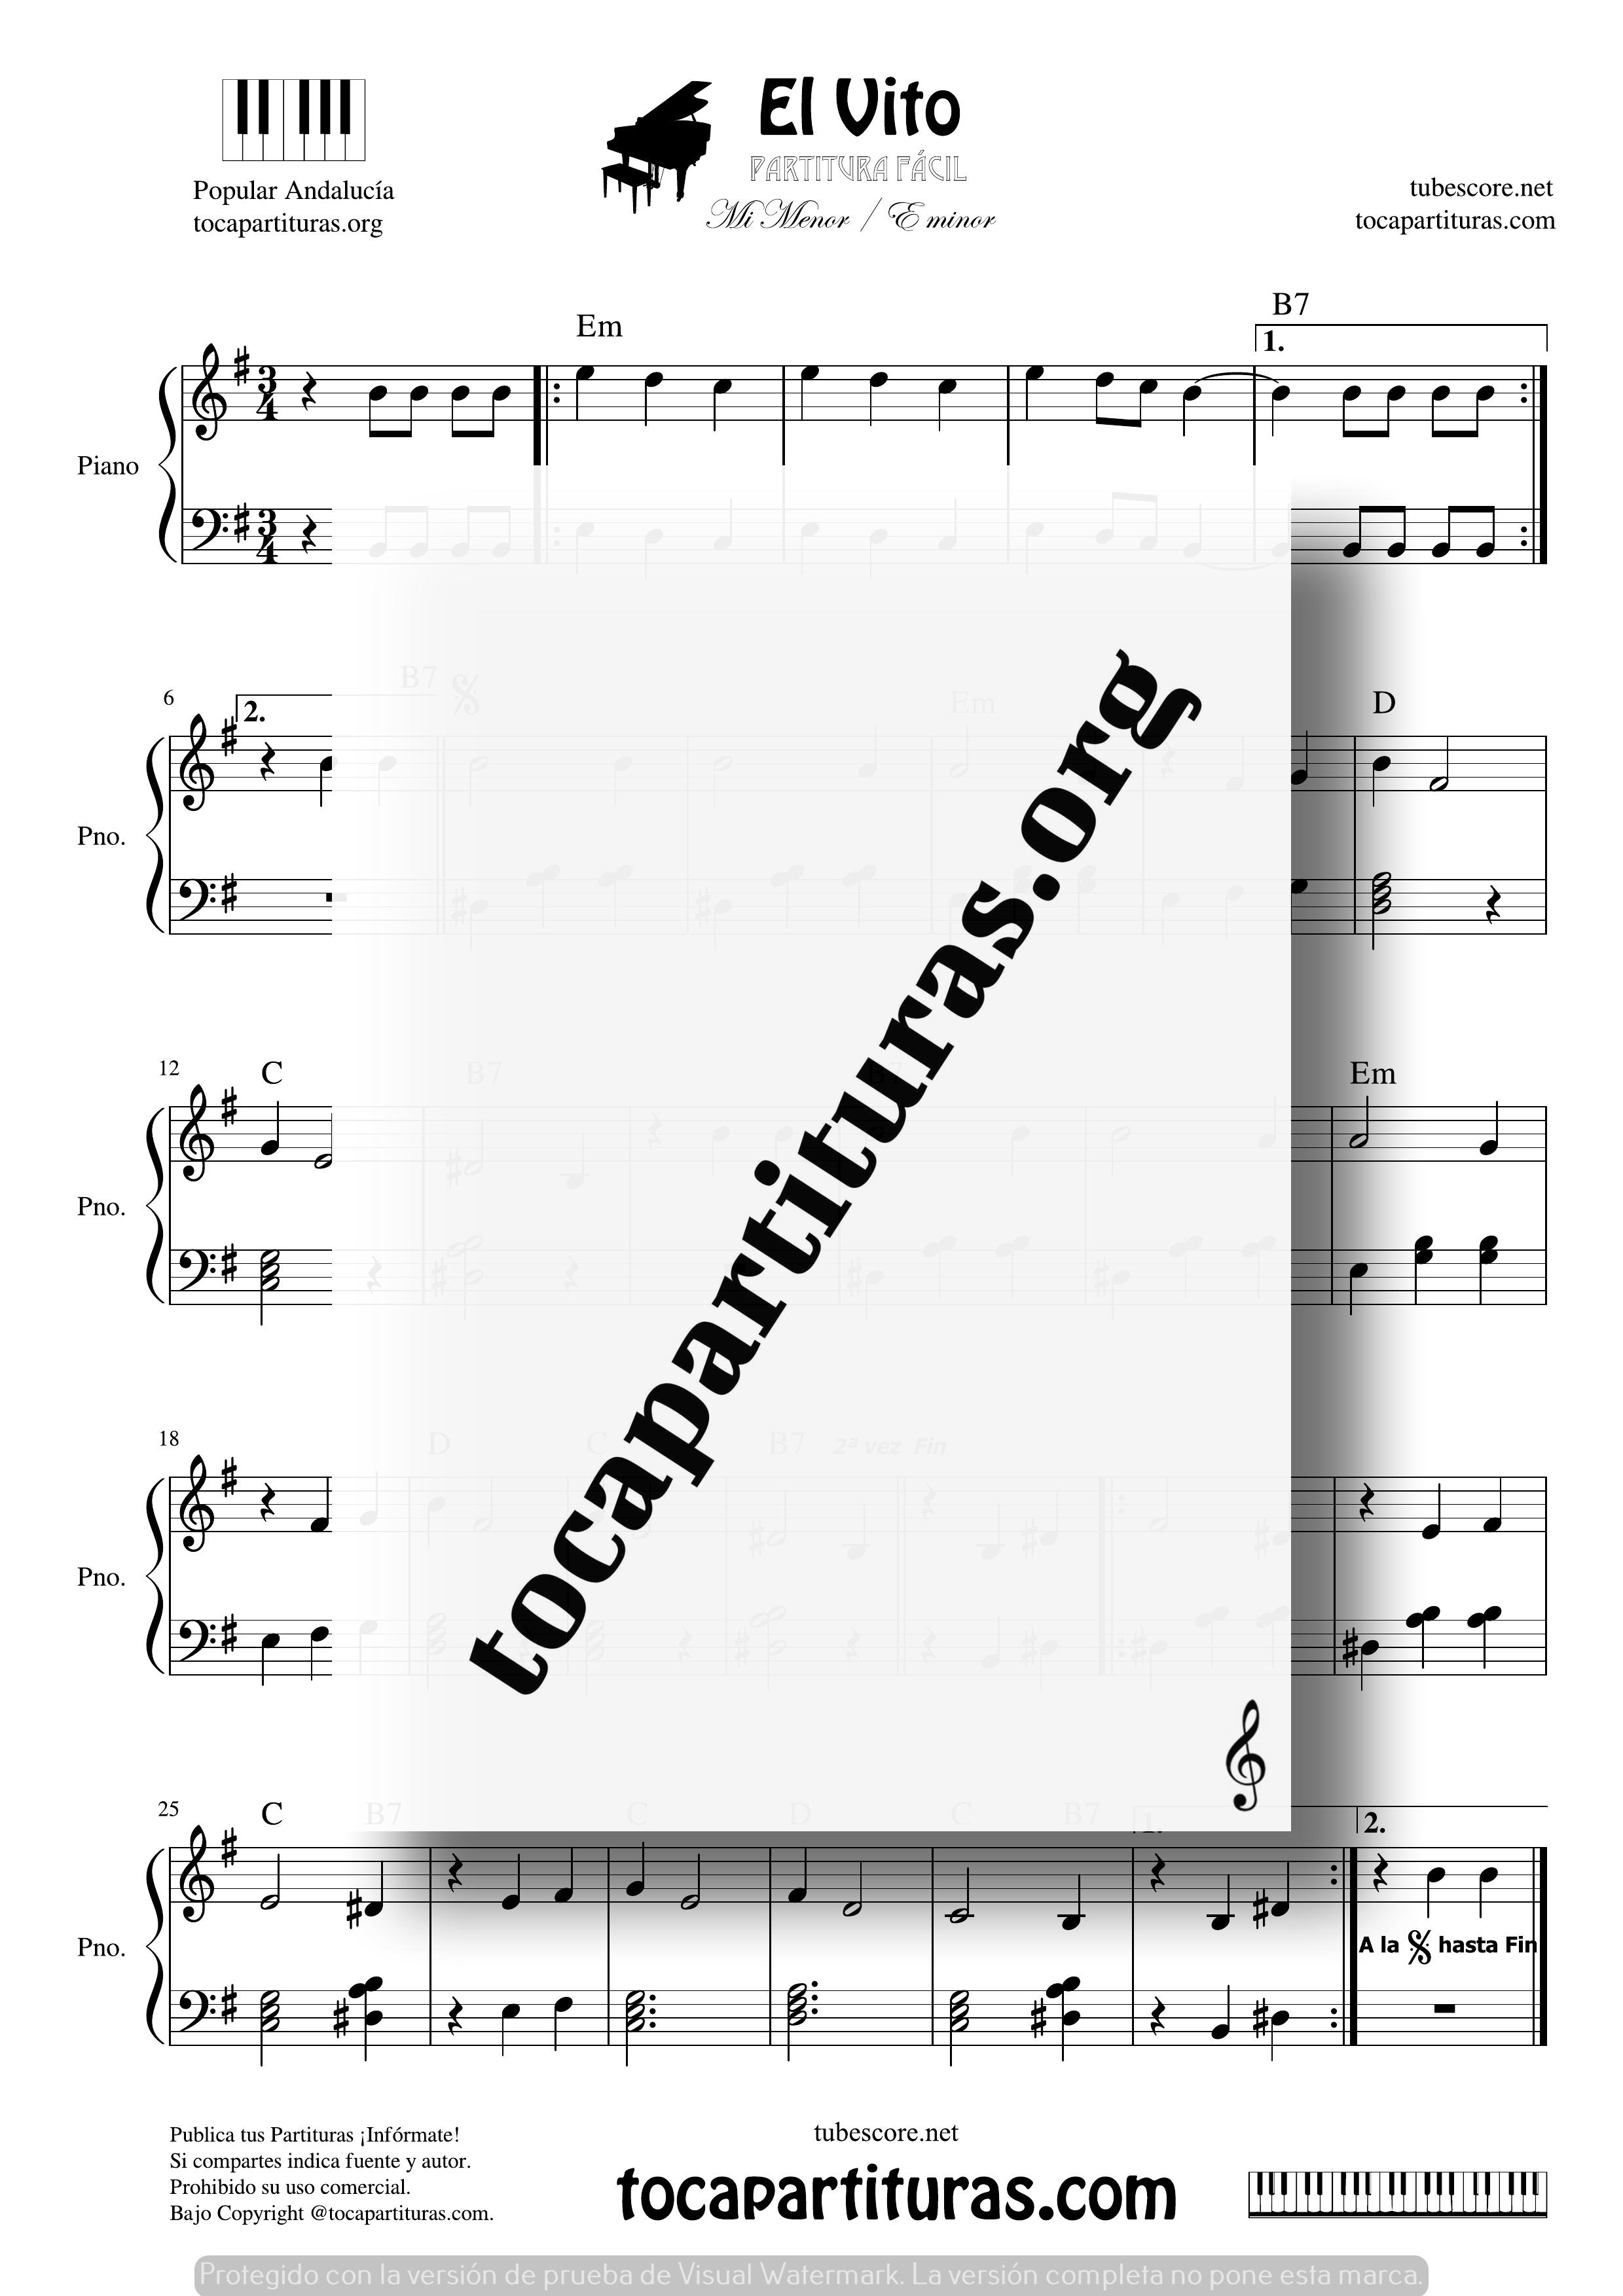 El Vito Partitura PDF y MIDIde Piano Fácil Mi menor con Acordes